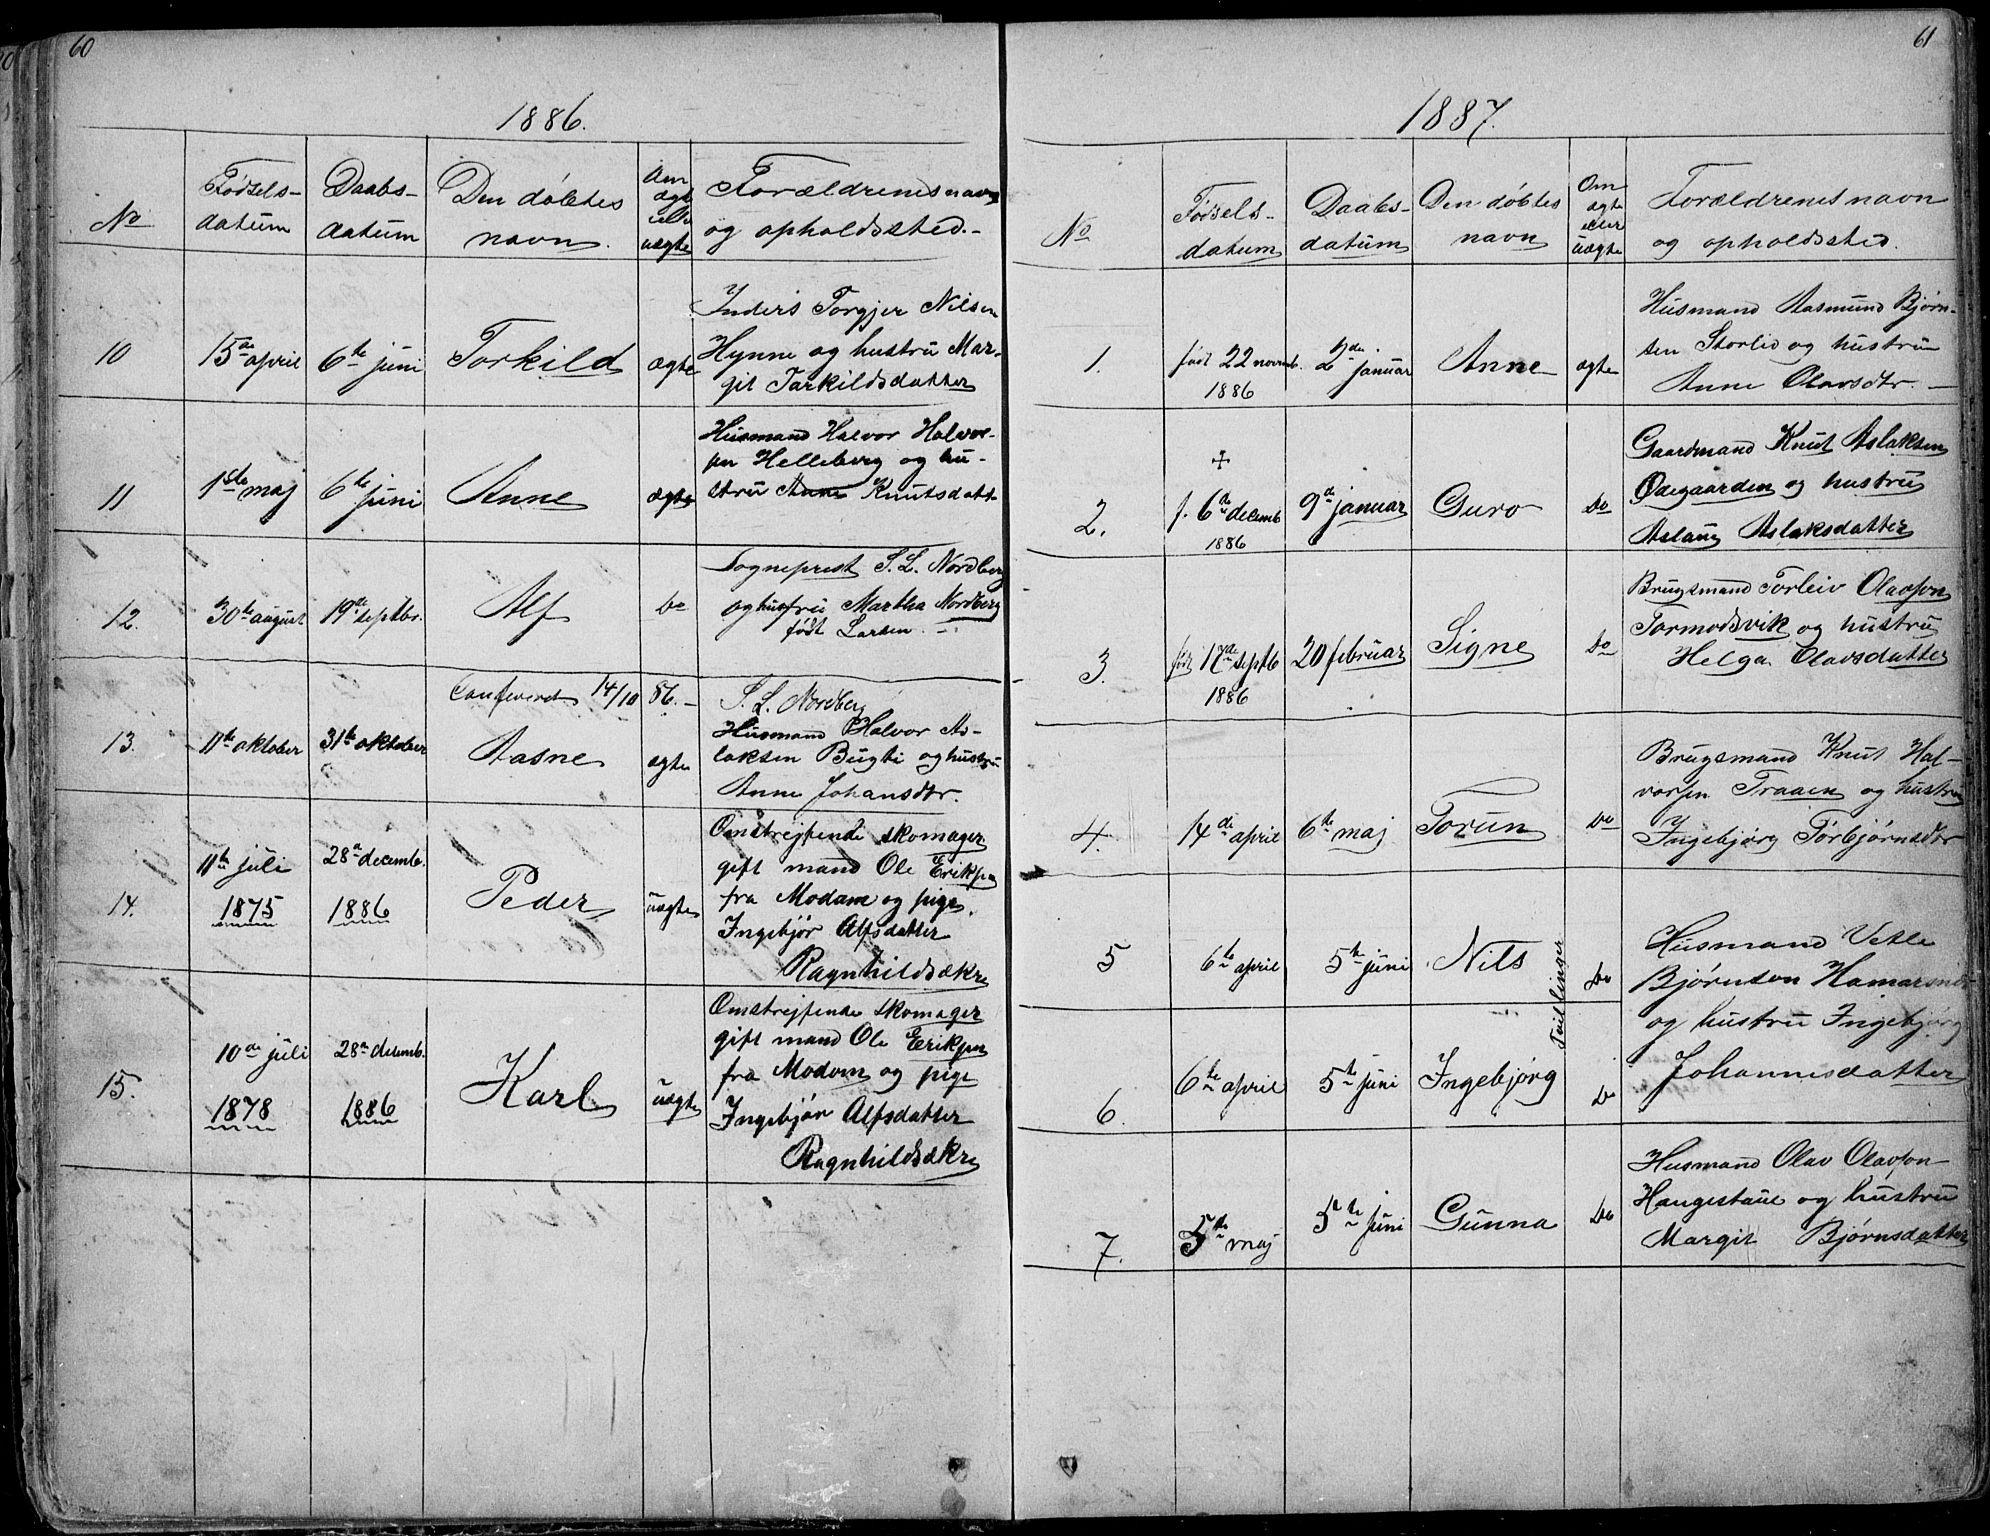 SAKO, Rauland kirkebøker, G/Ga/L0002: Klokkerbok nr. I 2, 1849-1935, s. 60-61